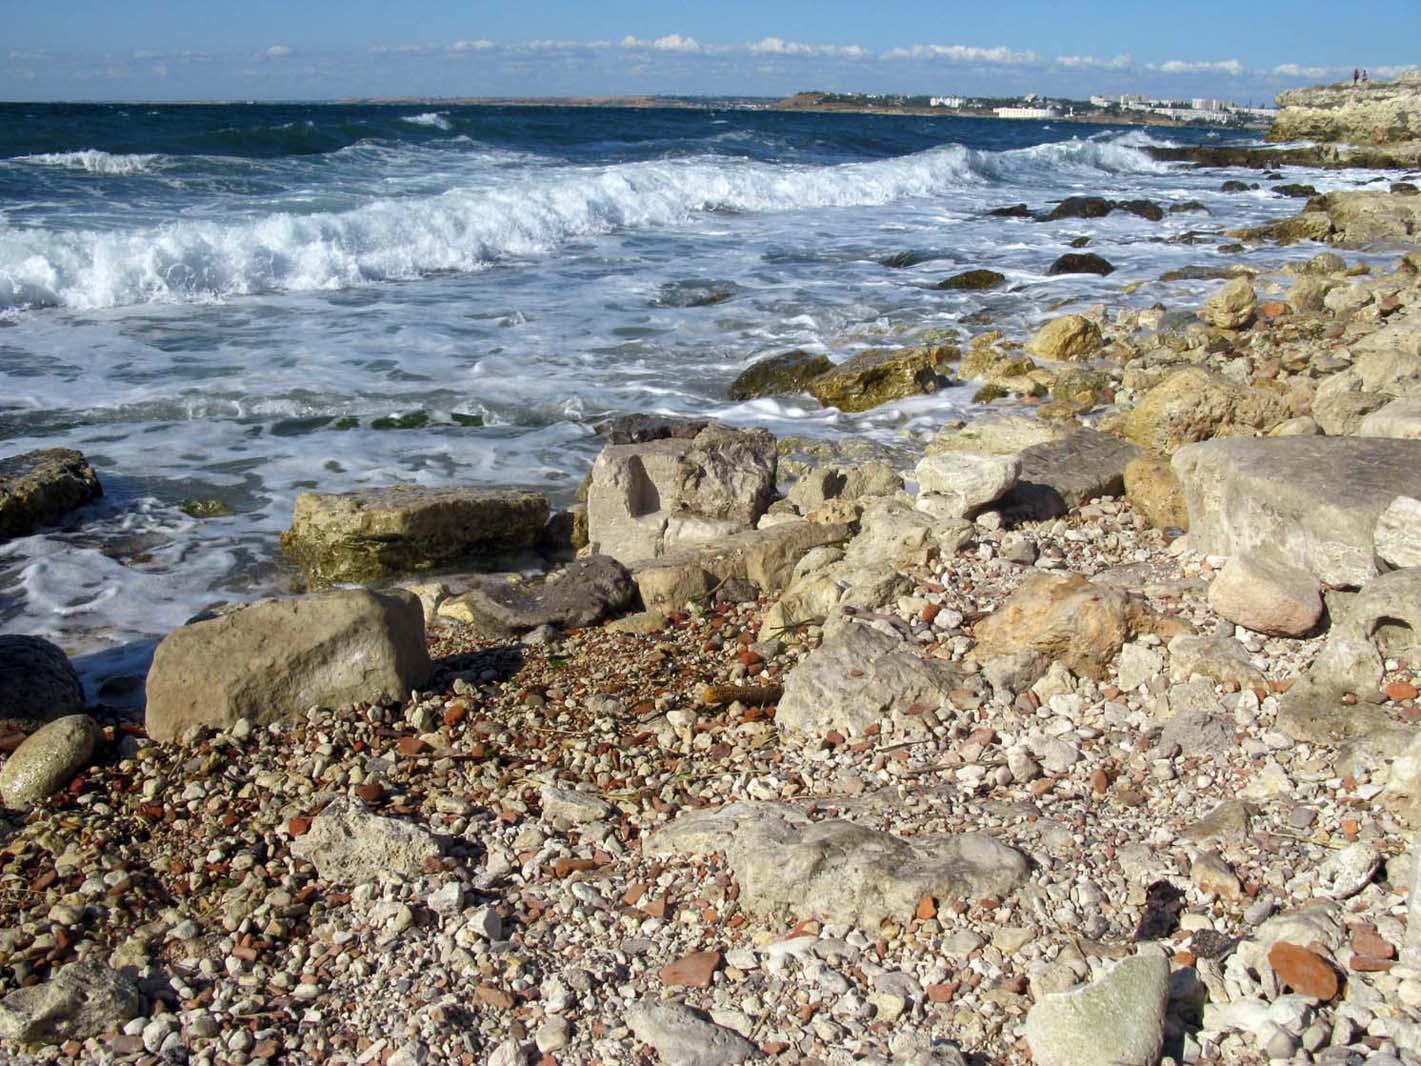 херсонес пляжи фото